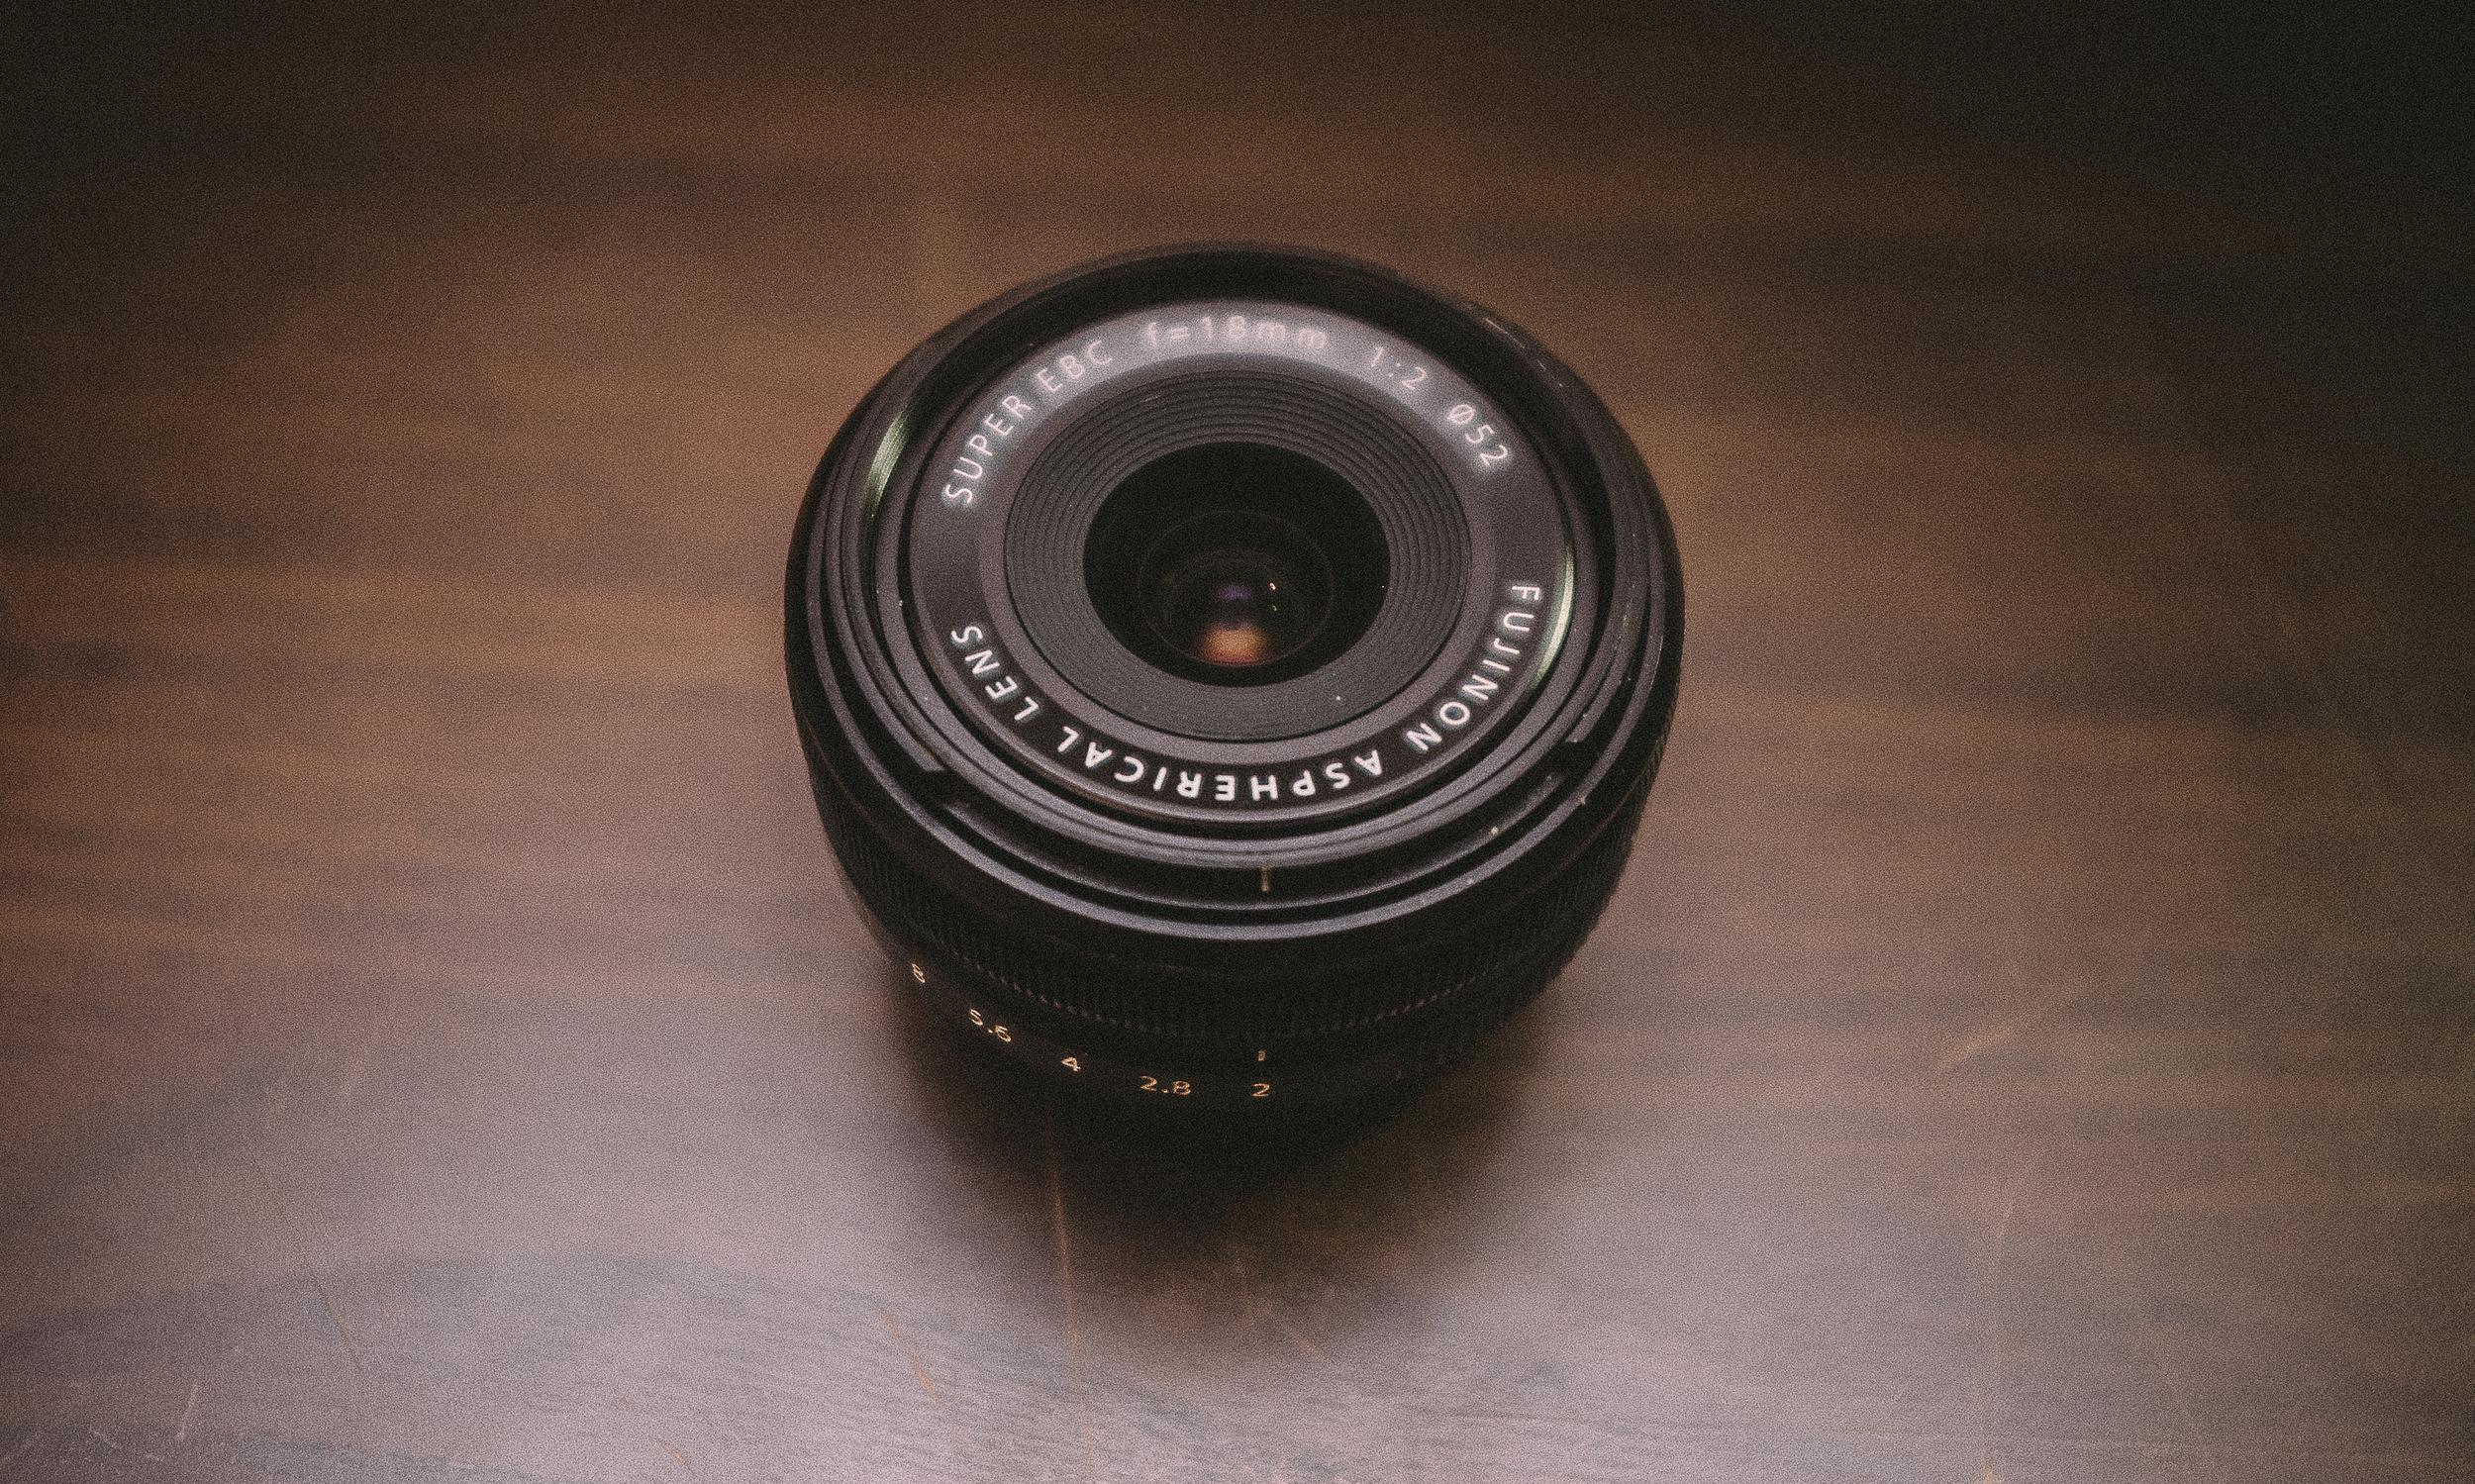 The Fuji 18mm F2 Lens - The forgotten